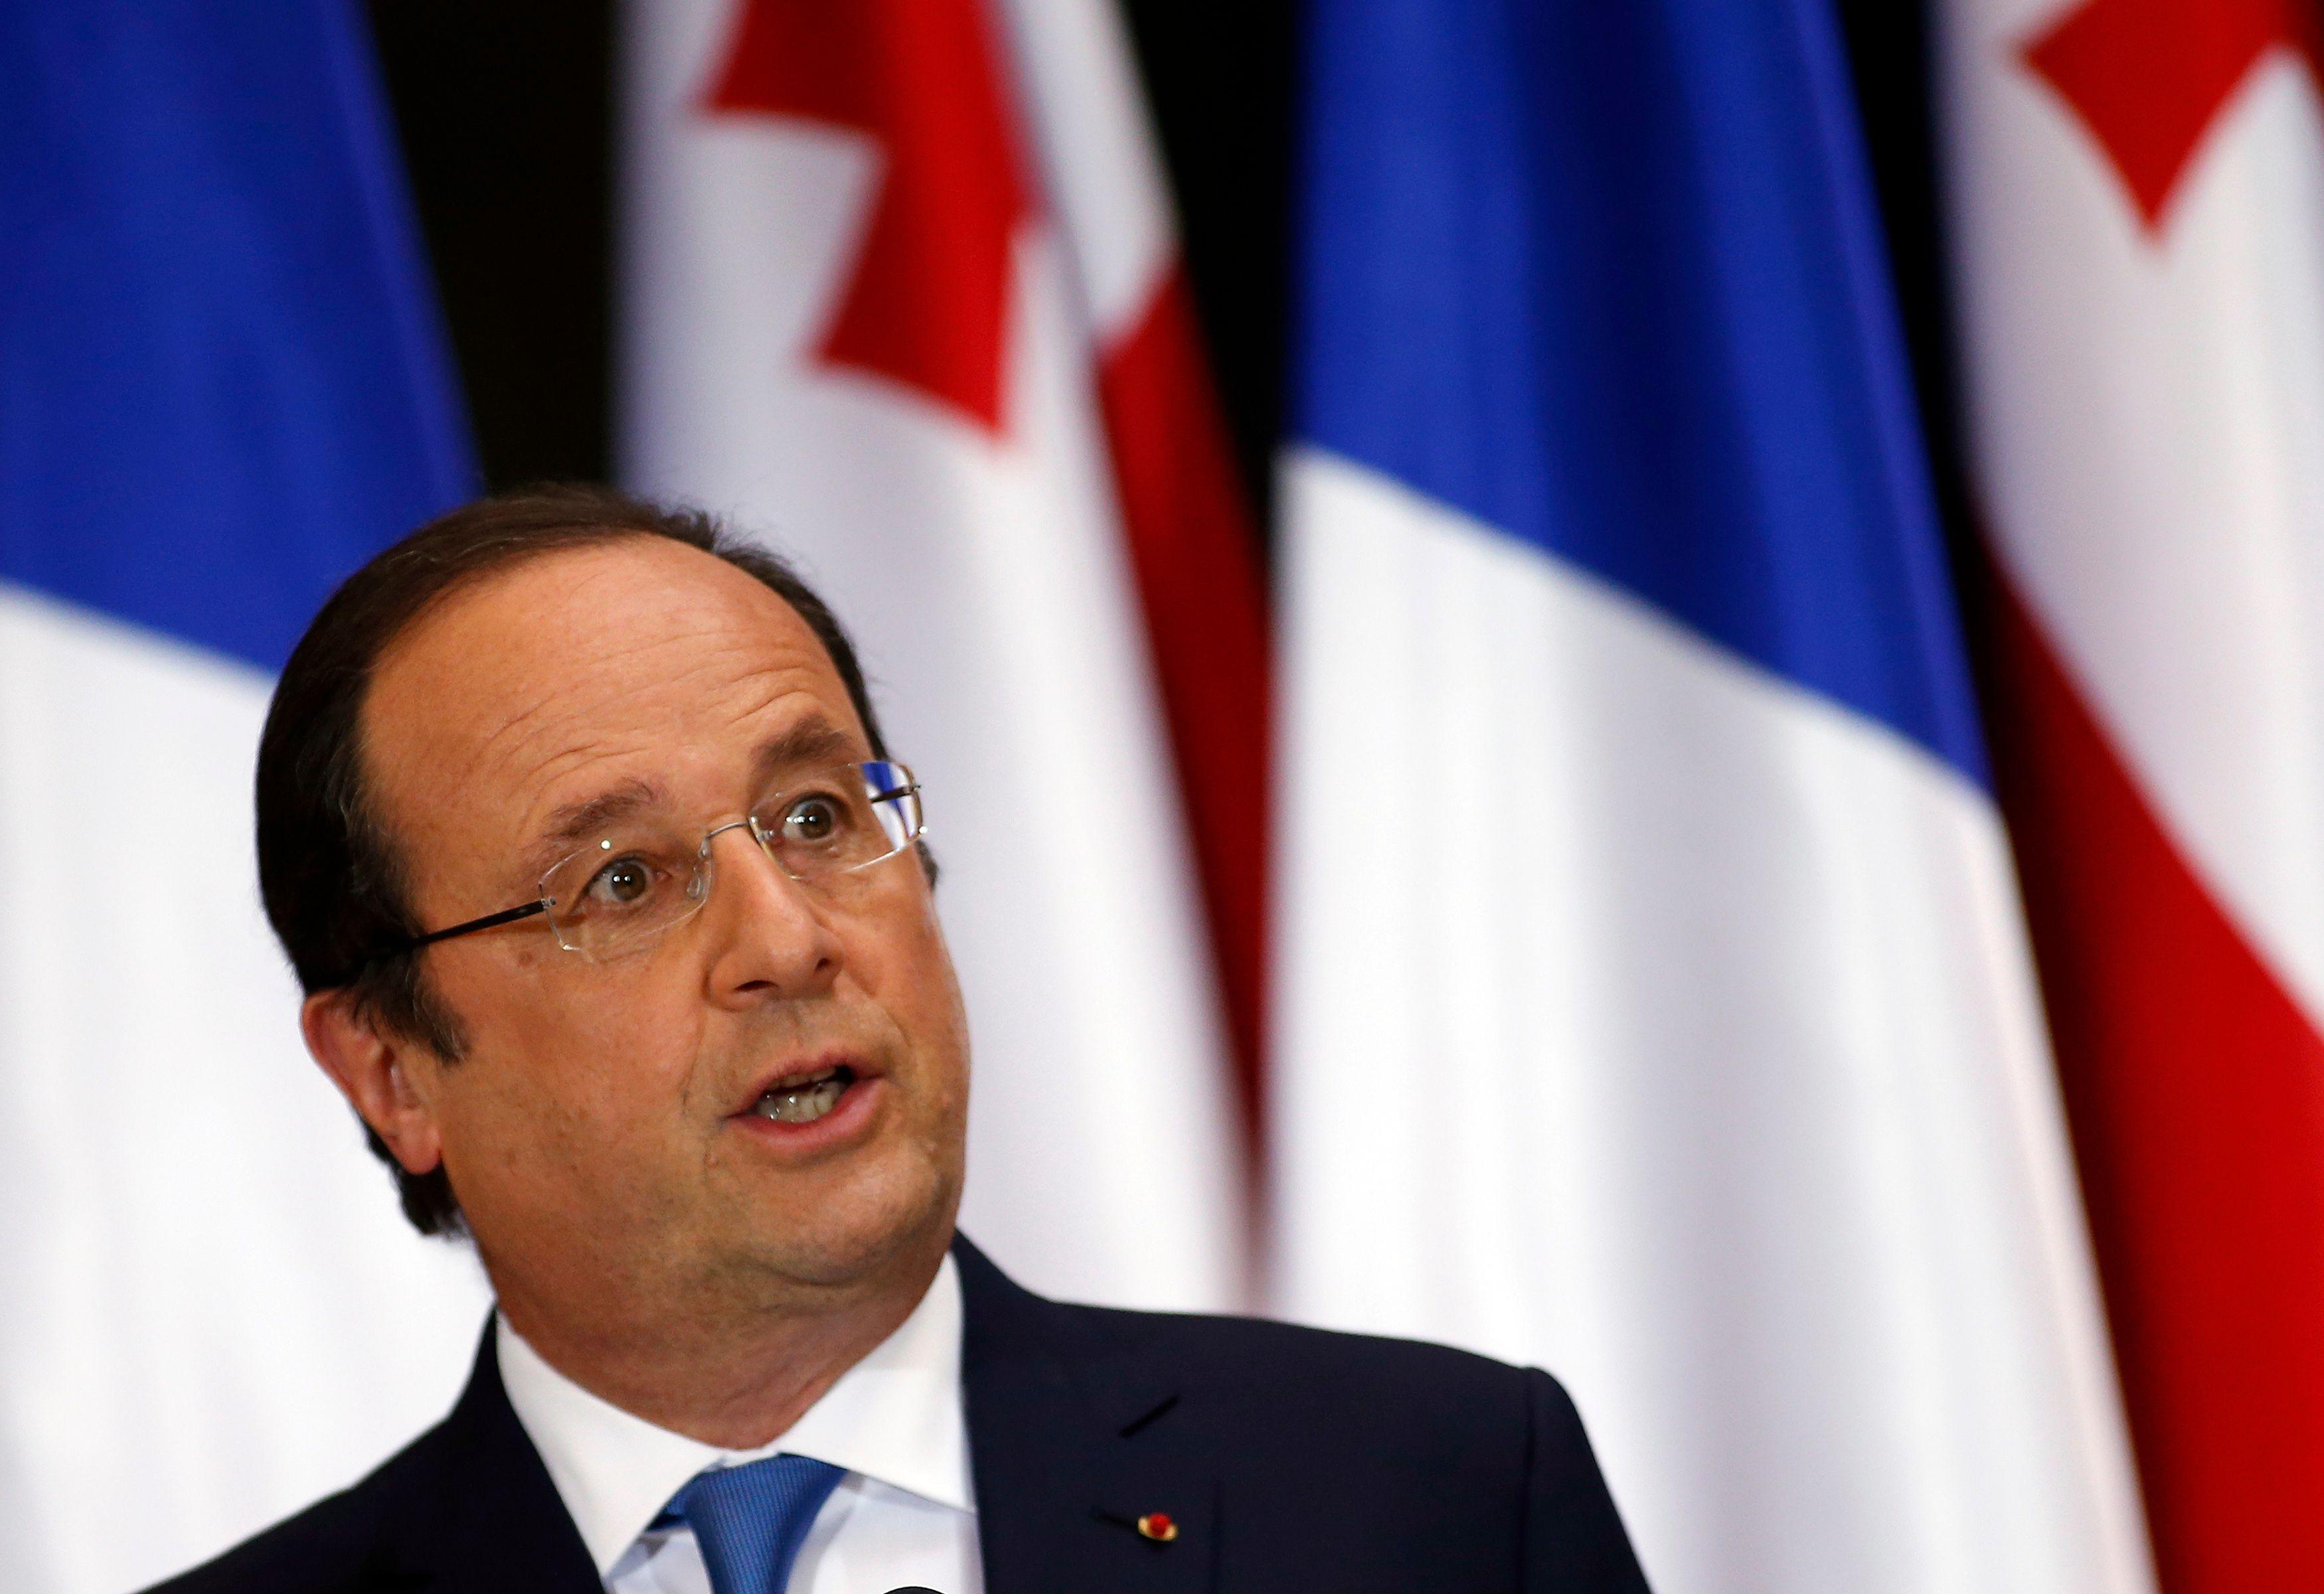 Pourquoi la promesse de transformation sociale de François Hollande a condamné sa politique à l'échec